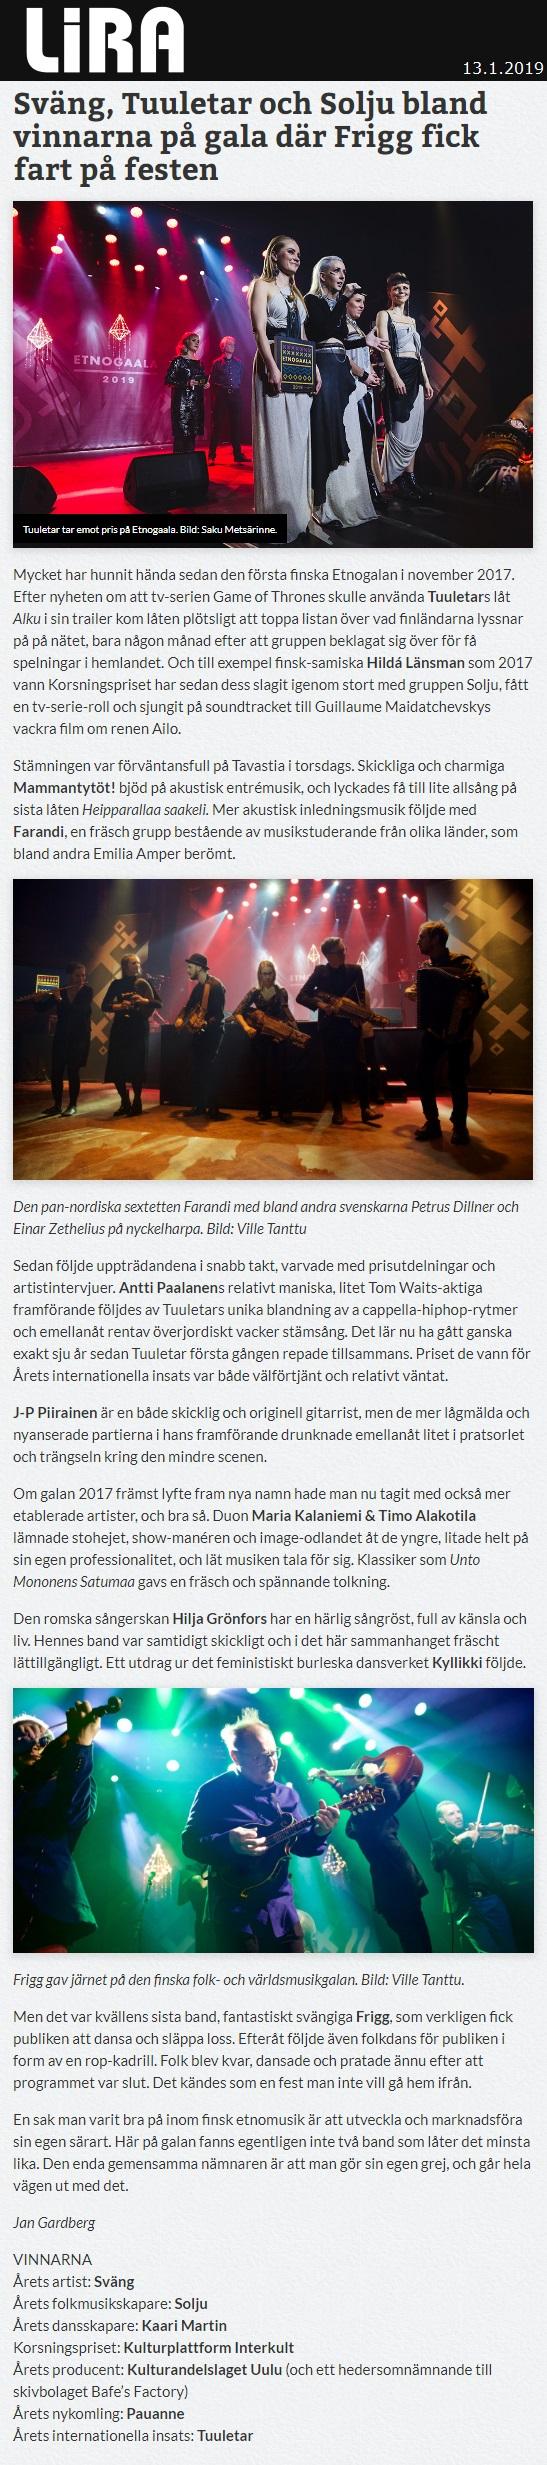 Lira Musikmagasin (Sweden), 13.1.2019